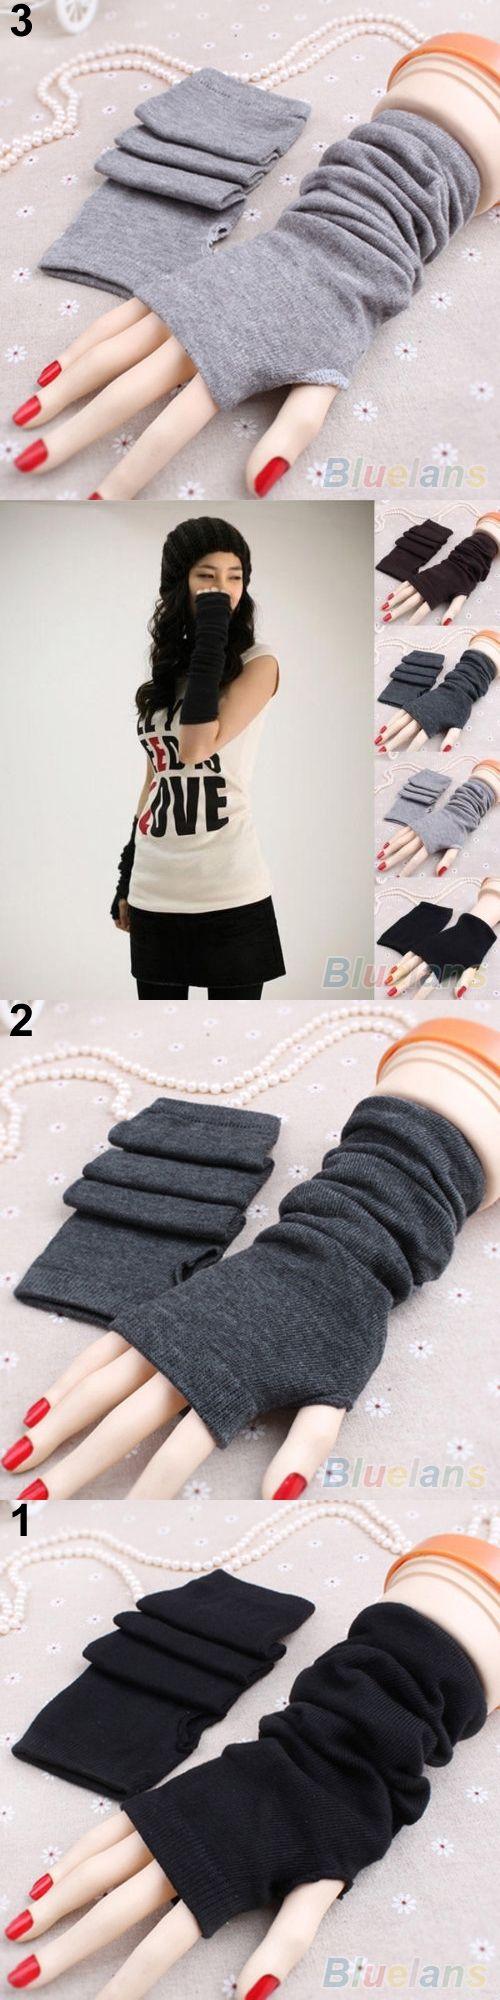 2016 Women Fashion Knitted Arm Fingerless Long Mitten Wrist Warm Winter Gloves 8OKE